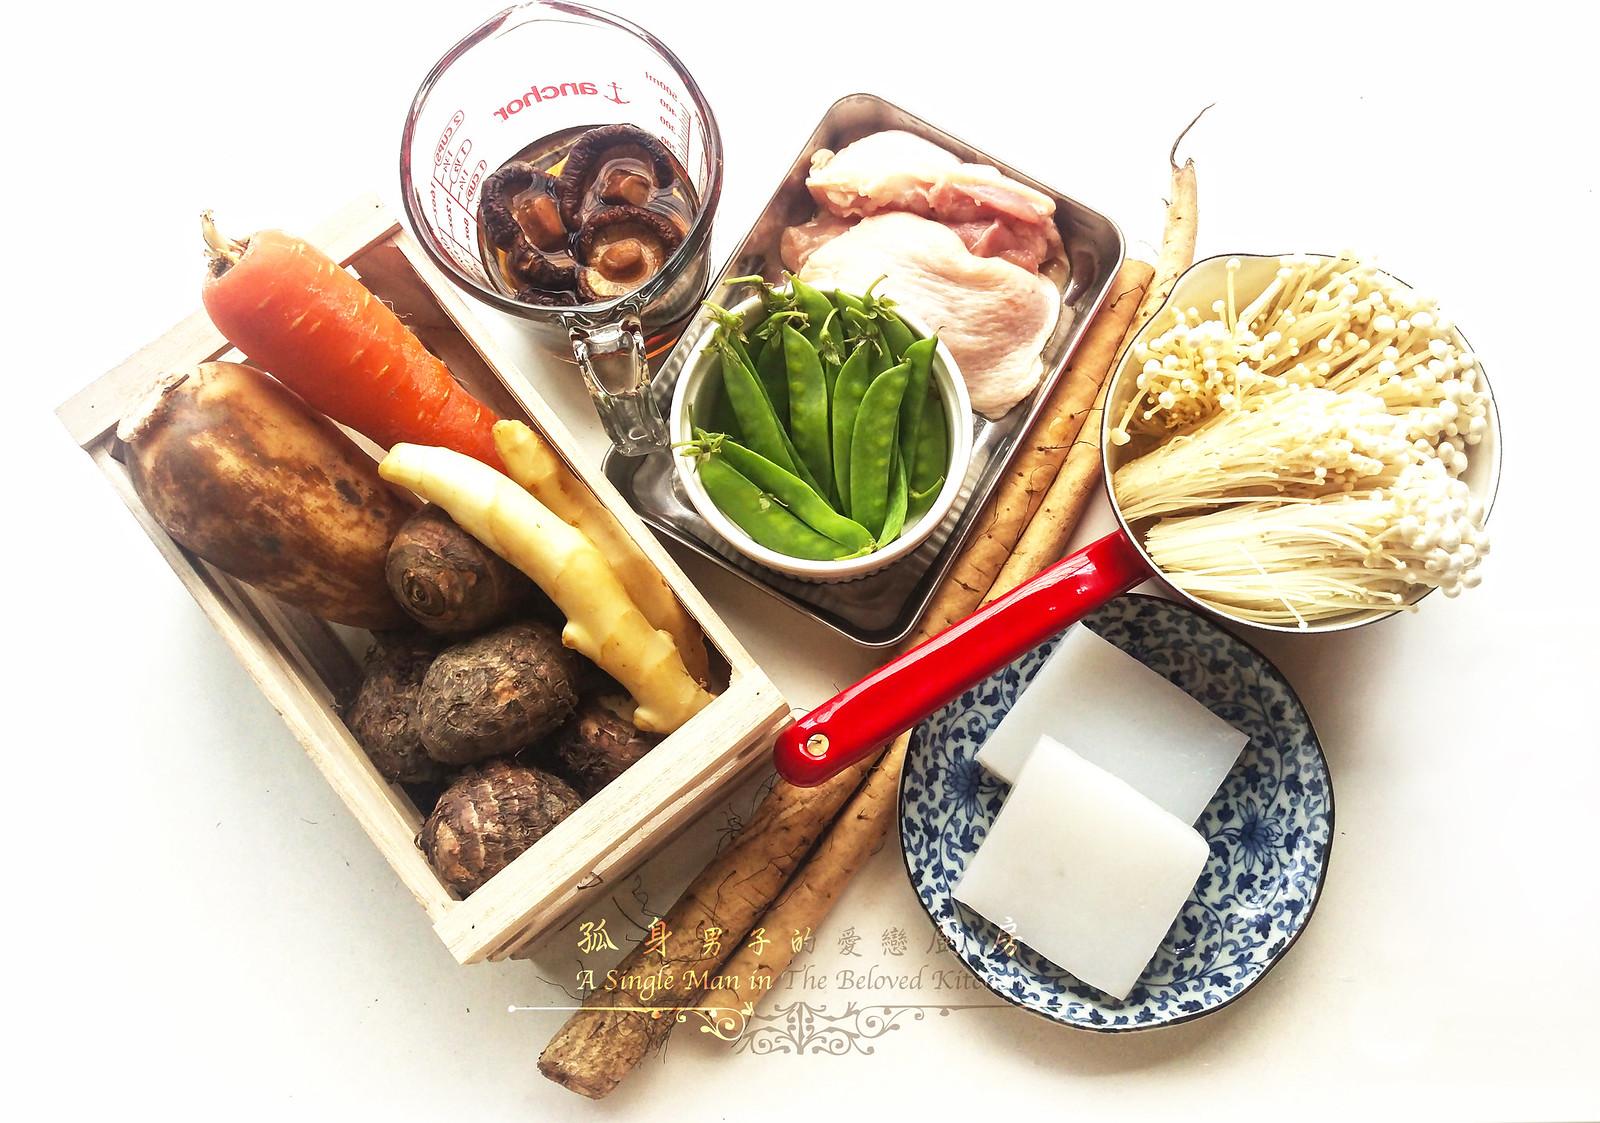 孤身廚房-食譜書《常備菜》試作——筑前煮、醬煮金針菇。甜滋滋溫暖和風味1